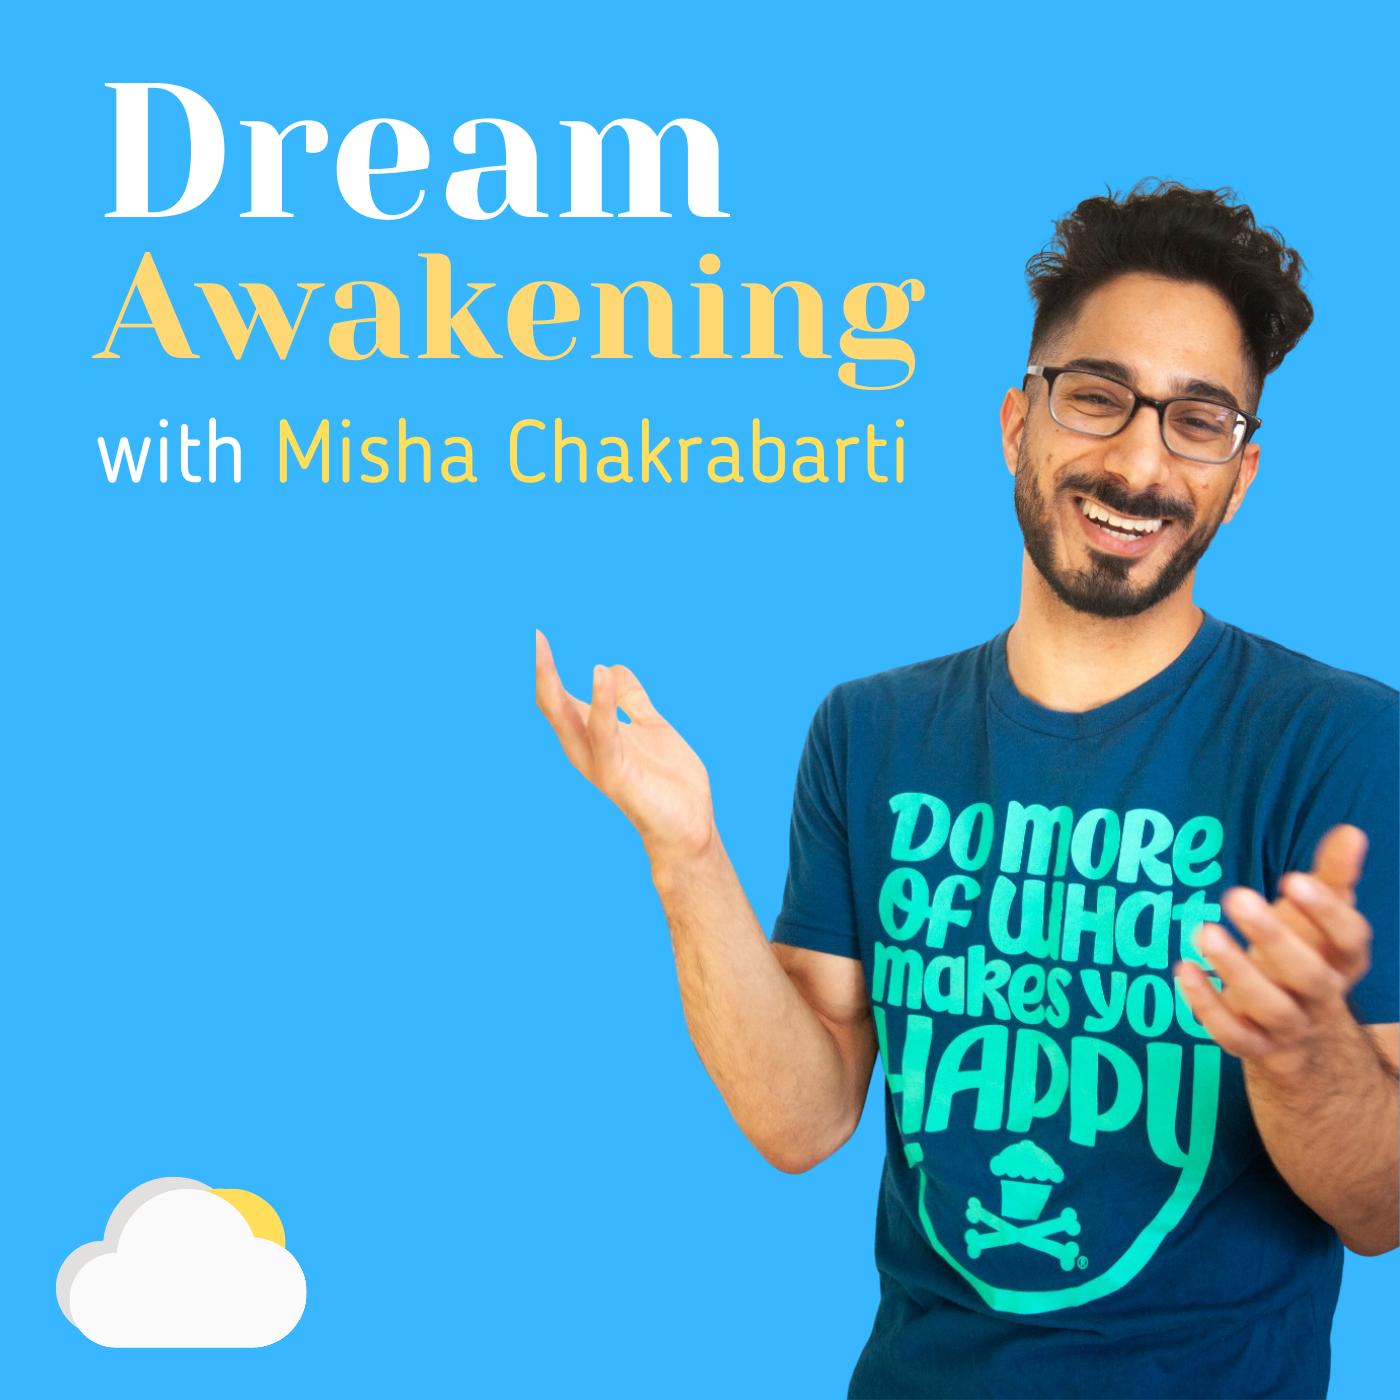 Artwork for podcast Dream Awakening with Misha Chakrabarti